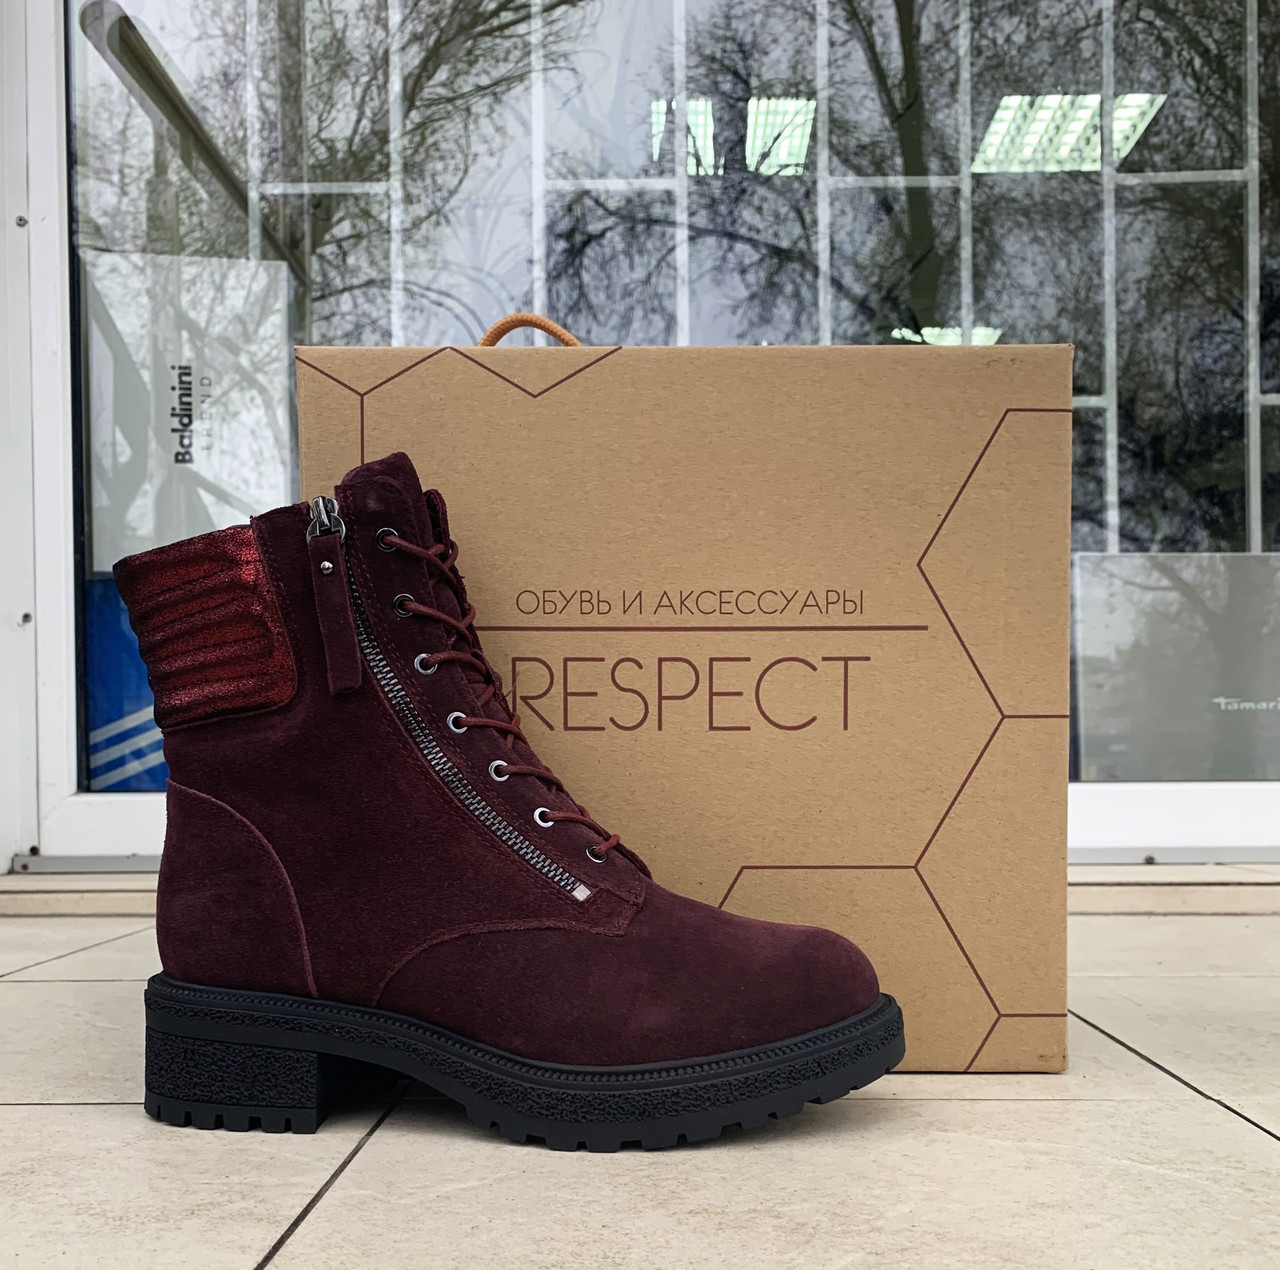 Женские зимние ботинки Respect оригинал натуральная замша шерсть 39